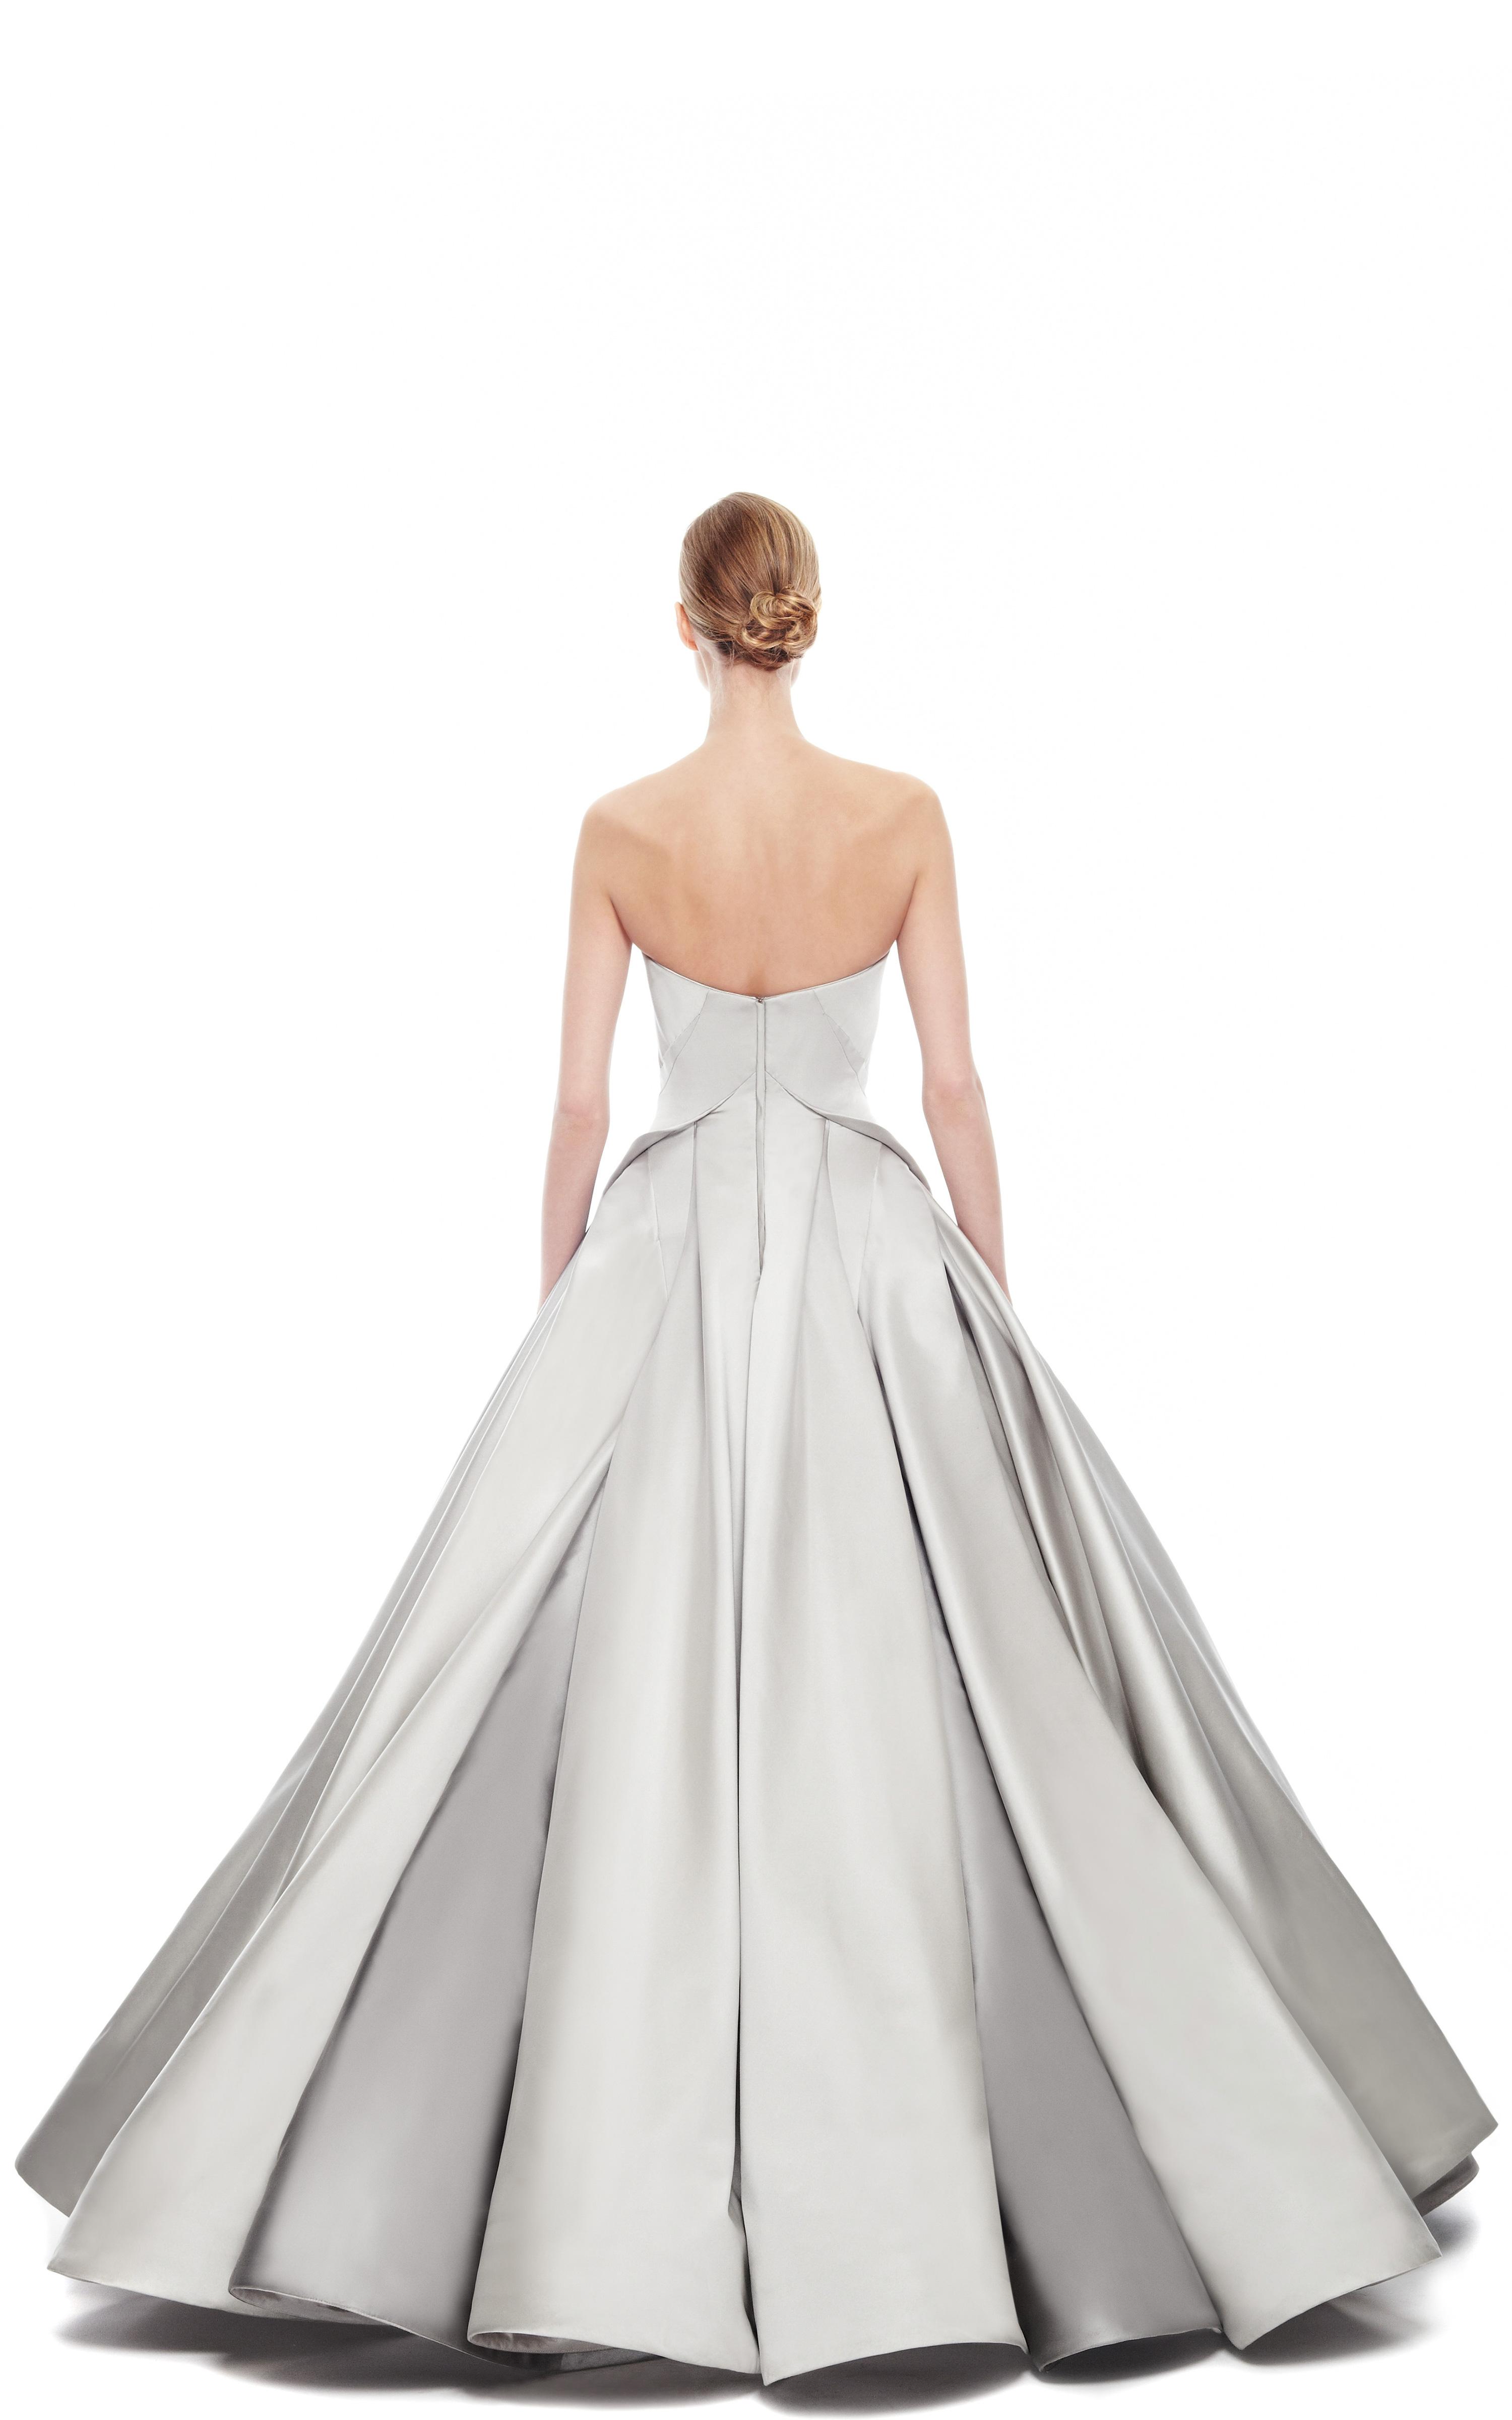 Zac Posen Duchess Satin Strapless Gown In Gray Lyst